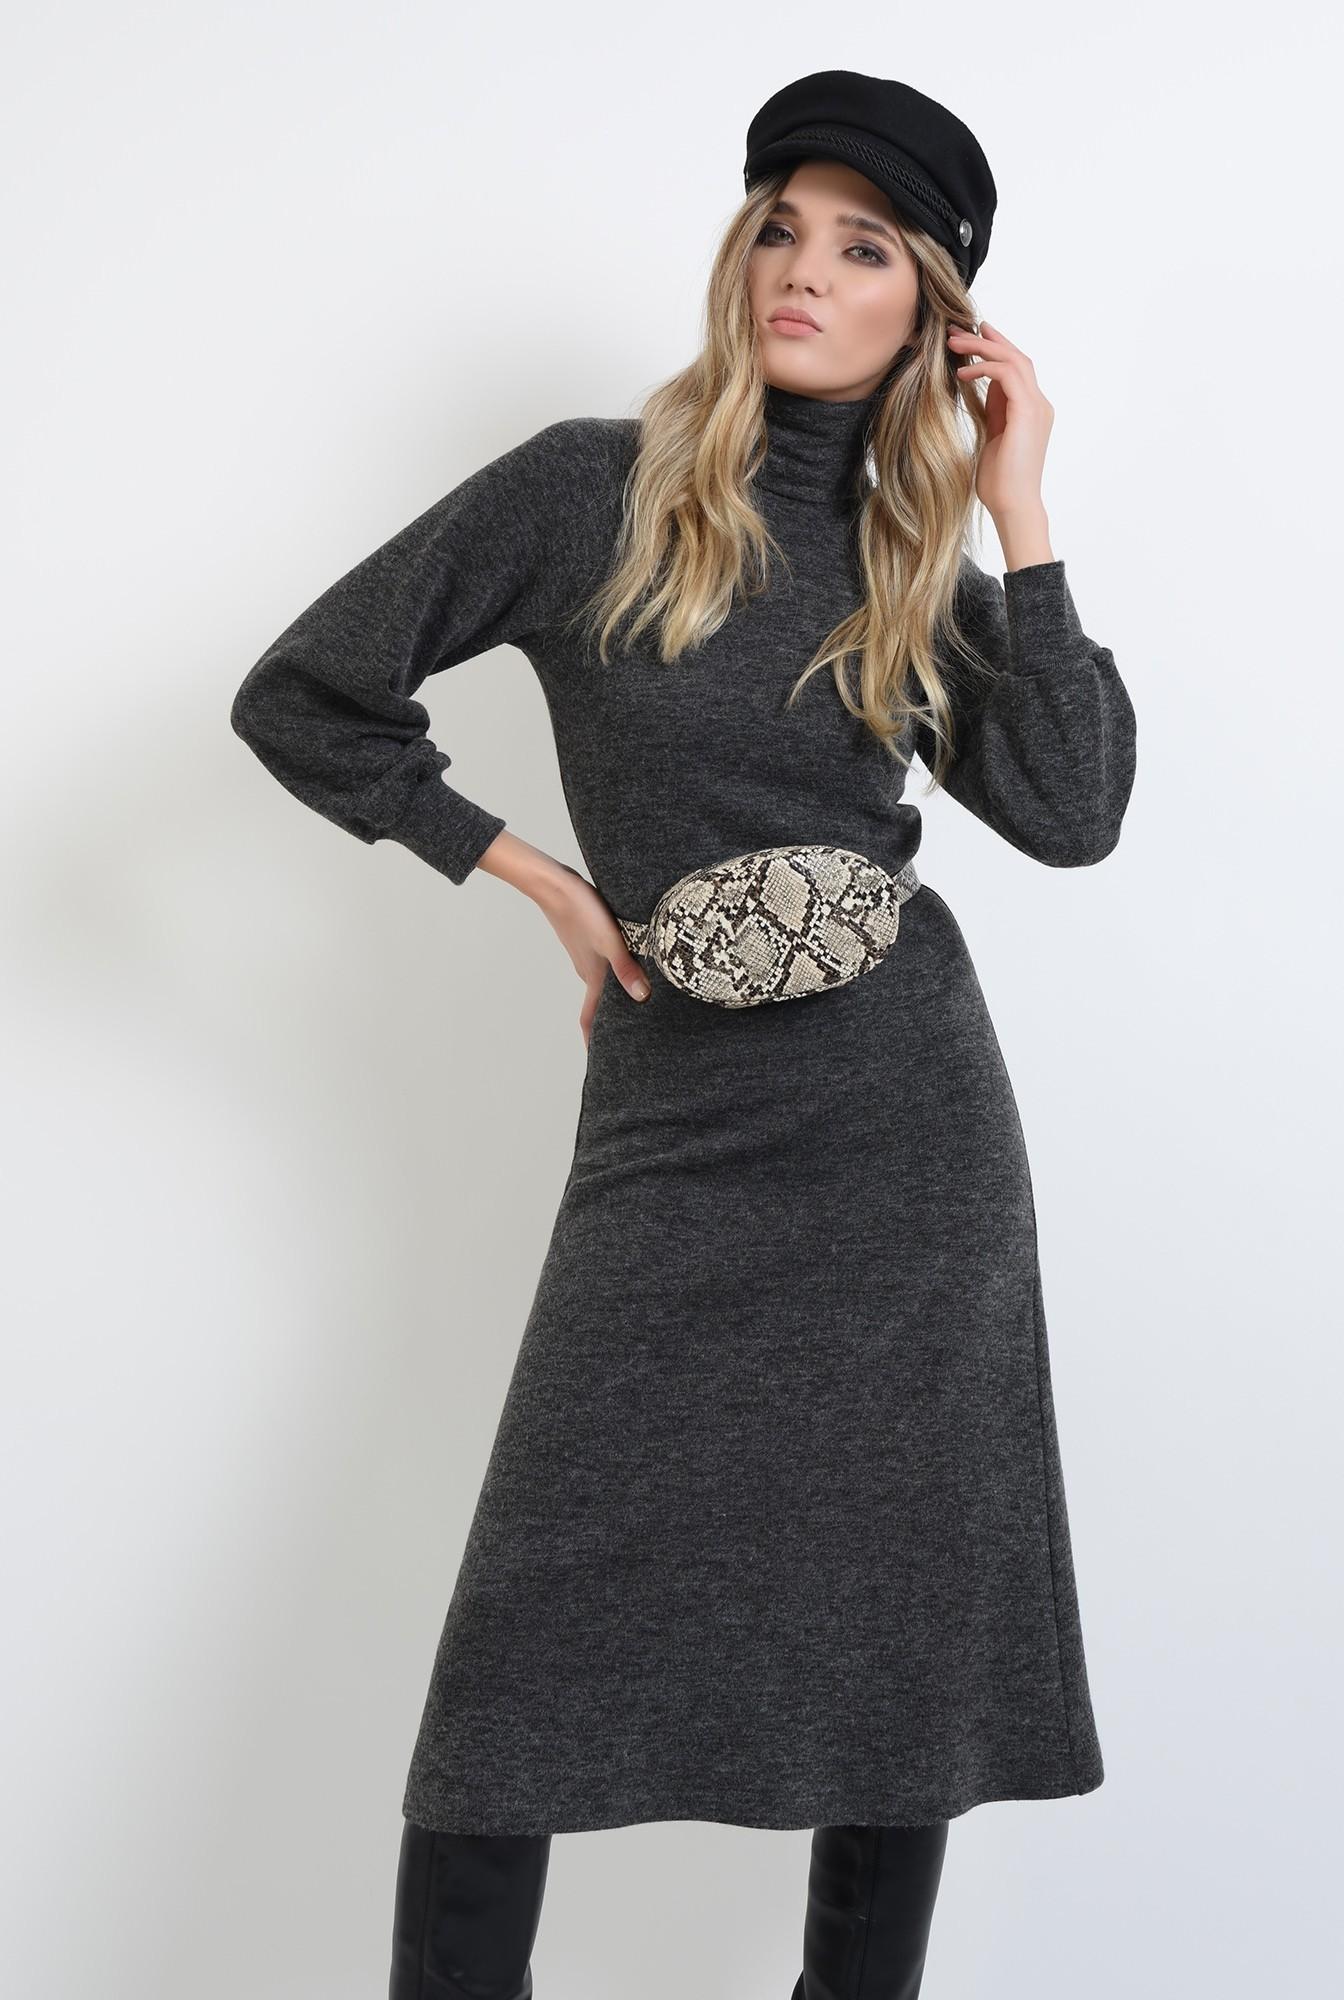 0 - 360 - rochie midi, gri, evazata, din tricot